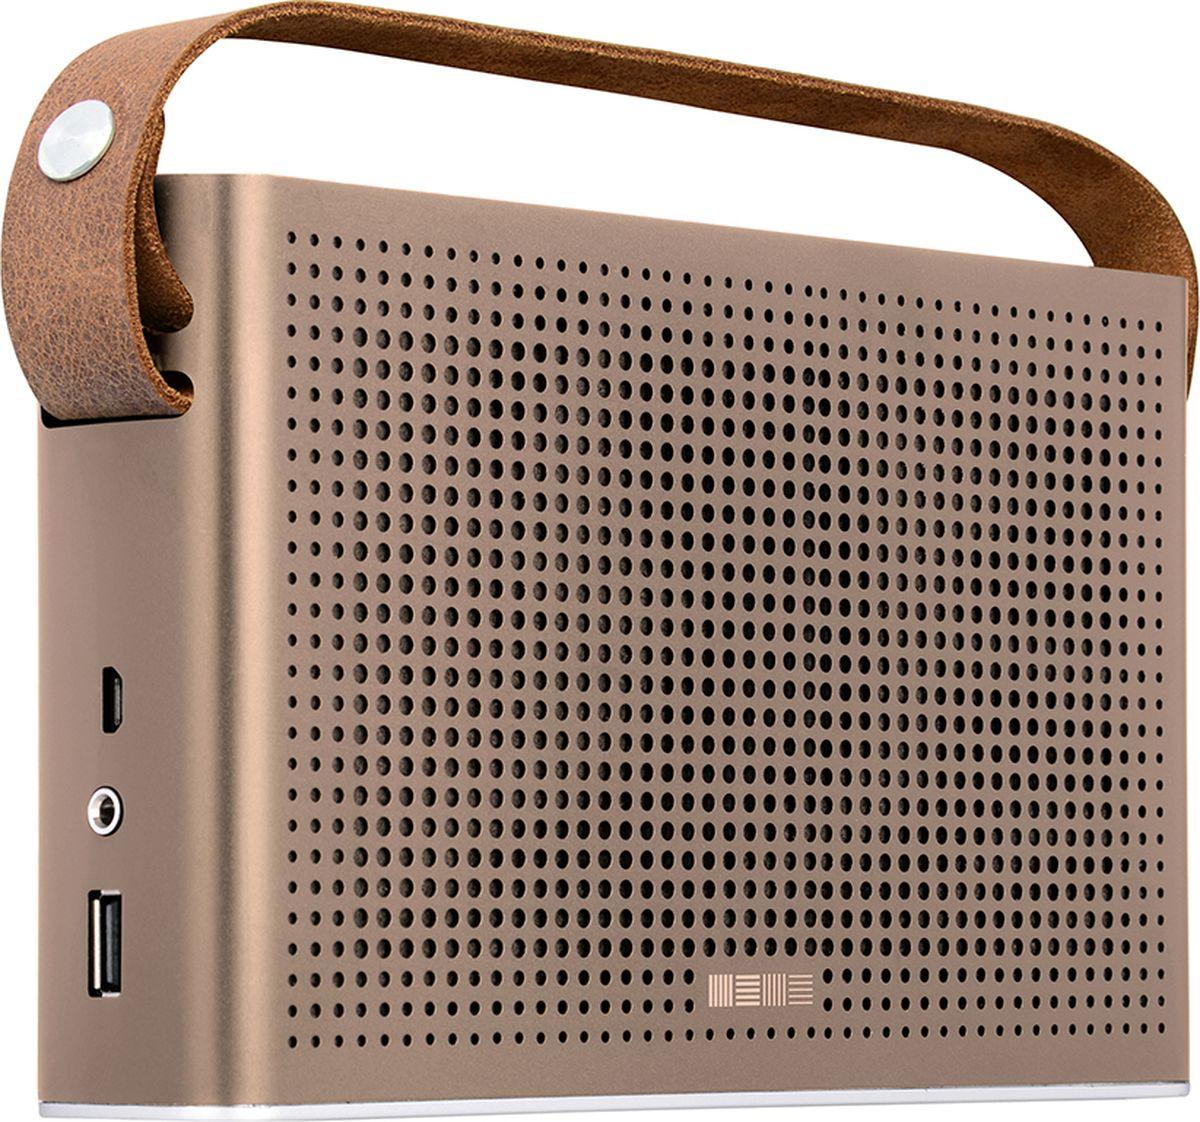 Interstep SBS-230, Metal Bronz портативная акустическая система - Портативная акустика